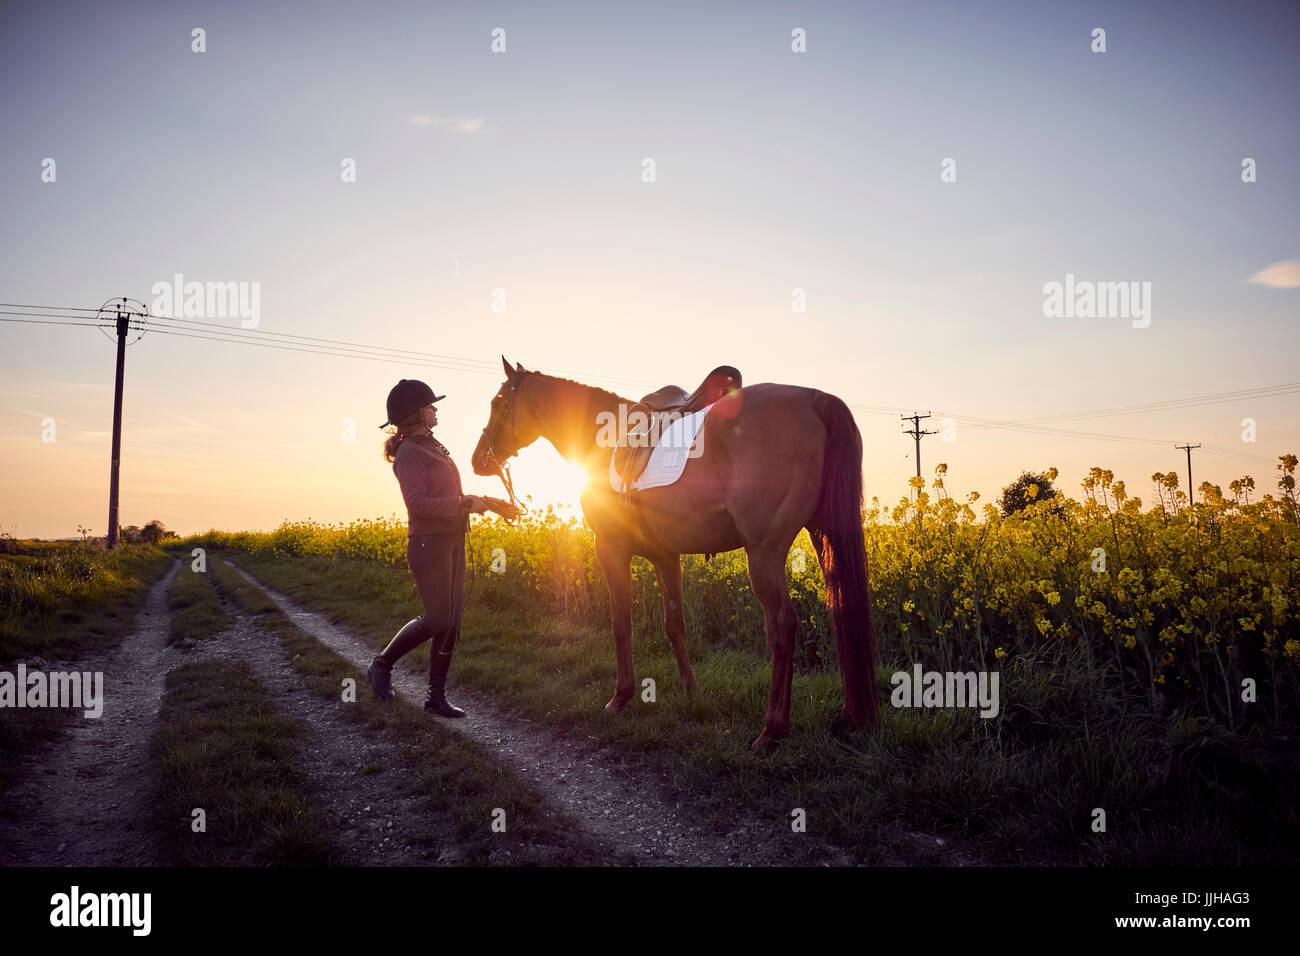 Eine junge Frau mit ihrem Pferd neben einem Feld von gelben Raps. Stockbild